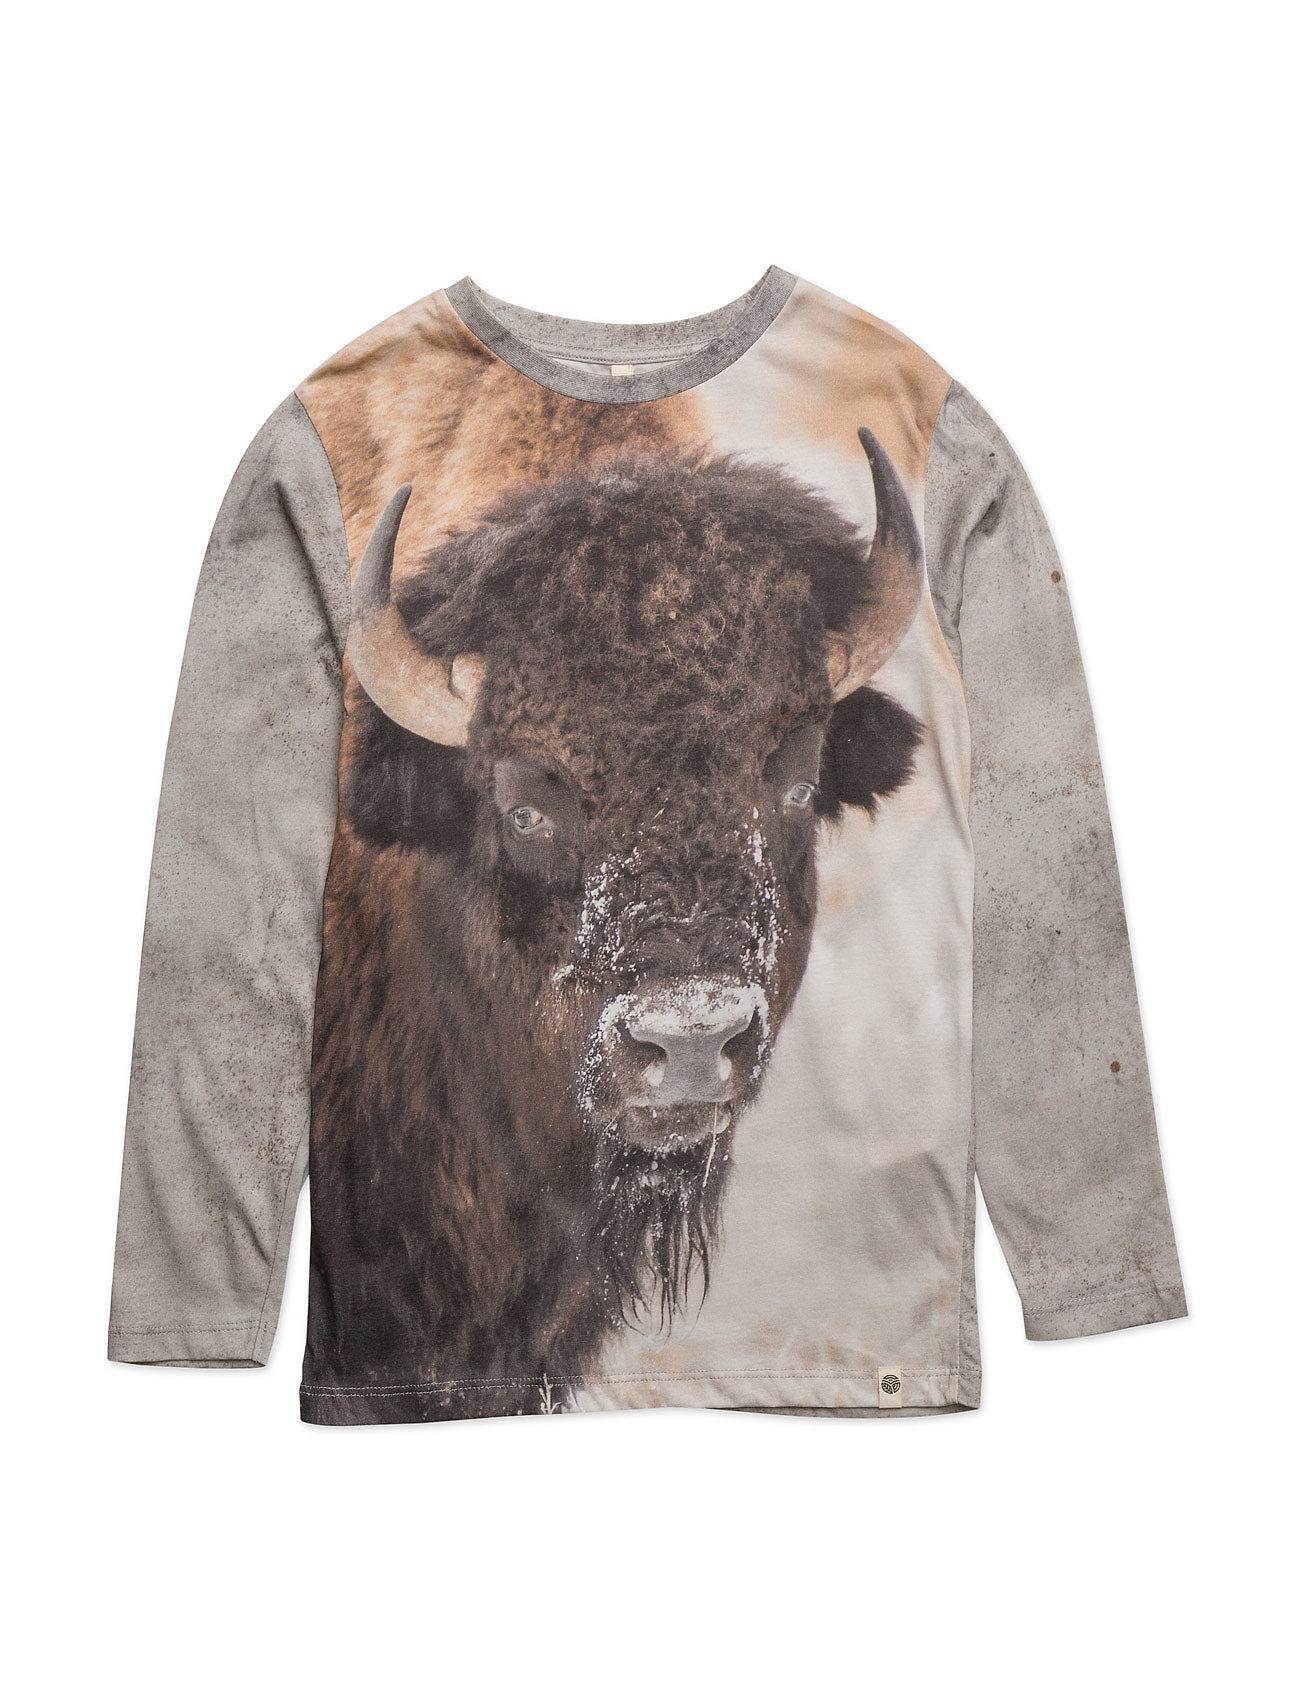 Basic Ls Tee Bison Popupshop Langærmede t-shirts til Børn i